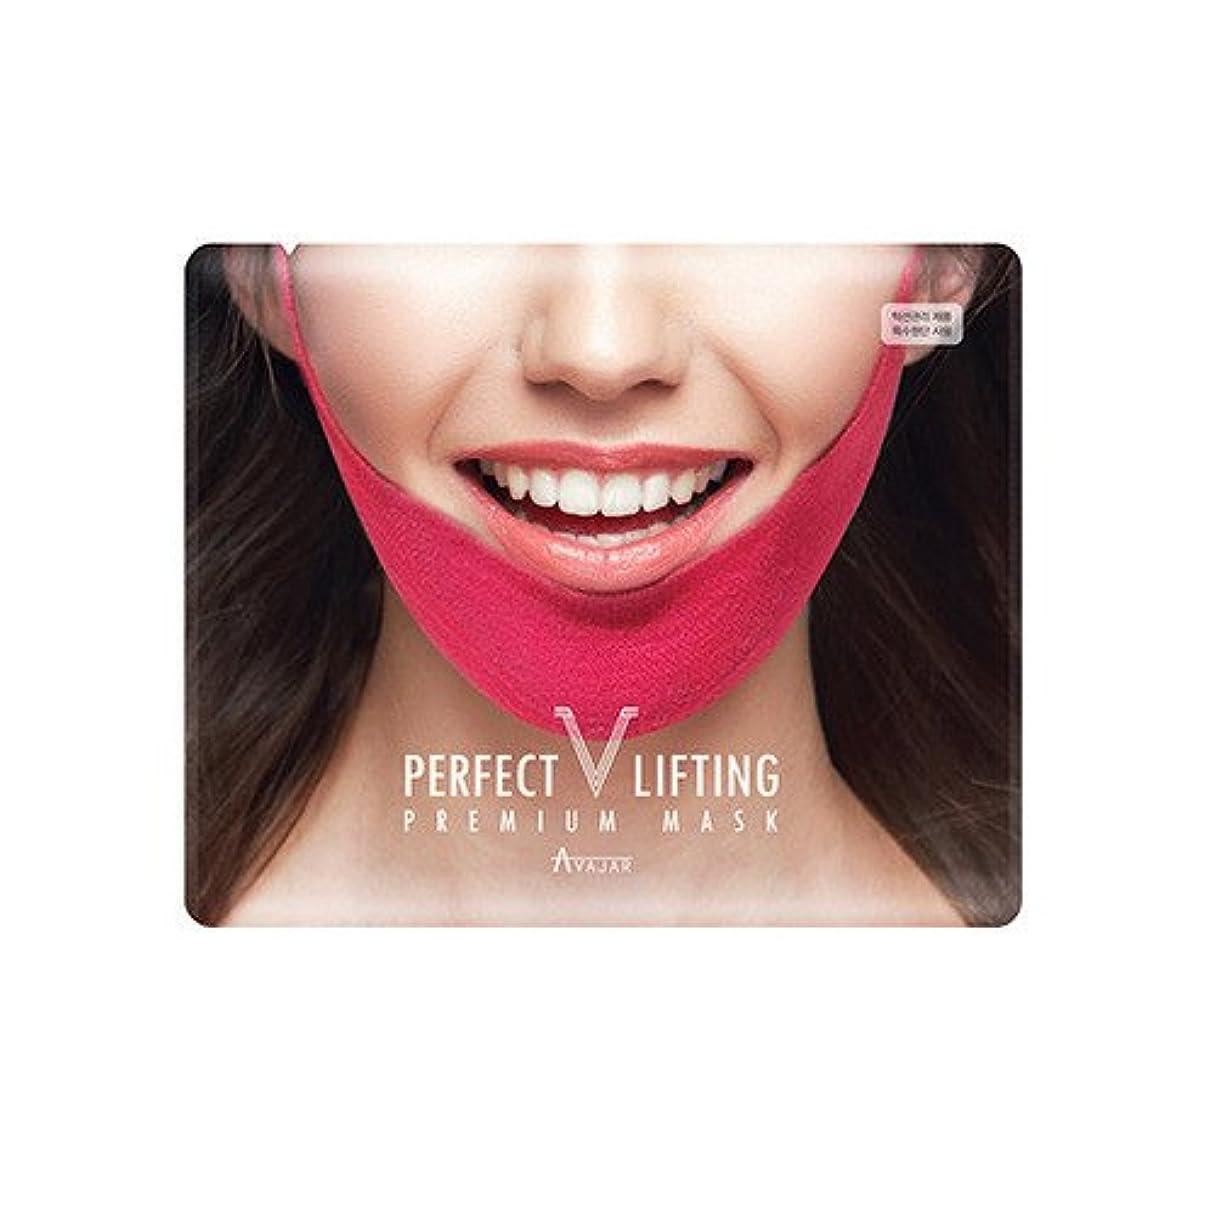 悪い分岐する放映Avajar パーフェクトVはプレミアムマスクリフティング 1ea 女性の年齢は彼女の下顎の輪郭によって決定されます [並行輸入品]